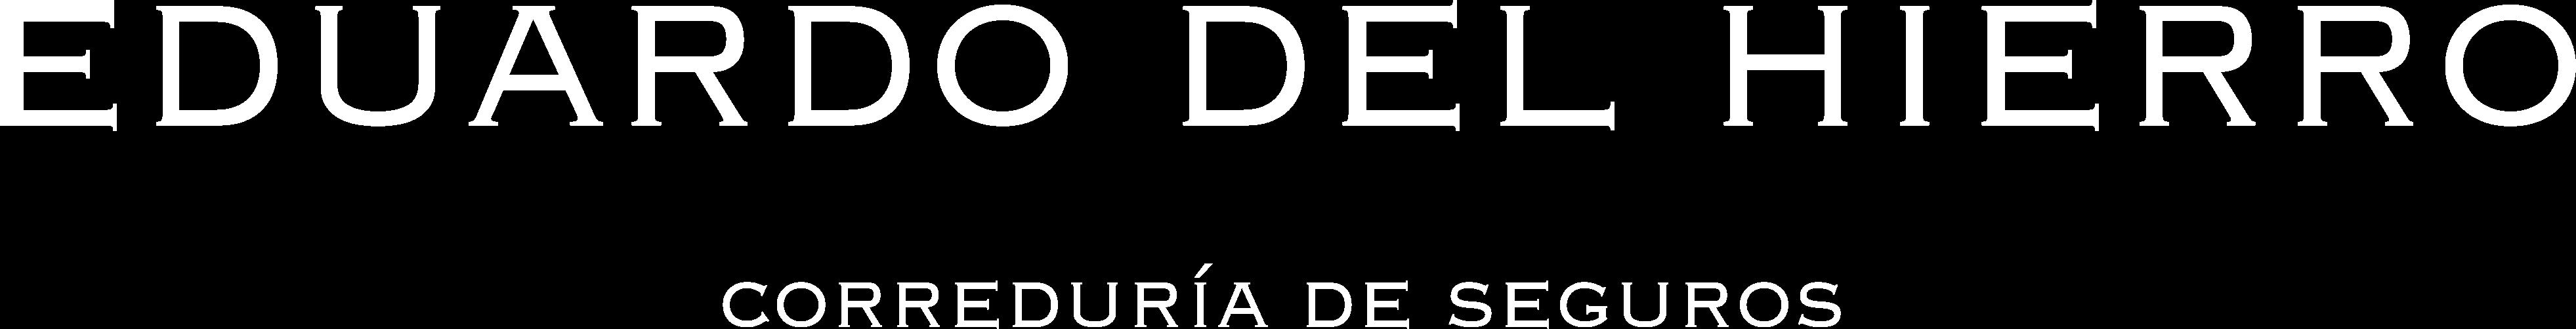 Logo de Eduardo del Hierro